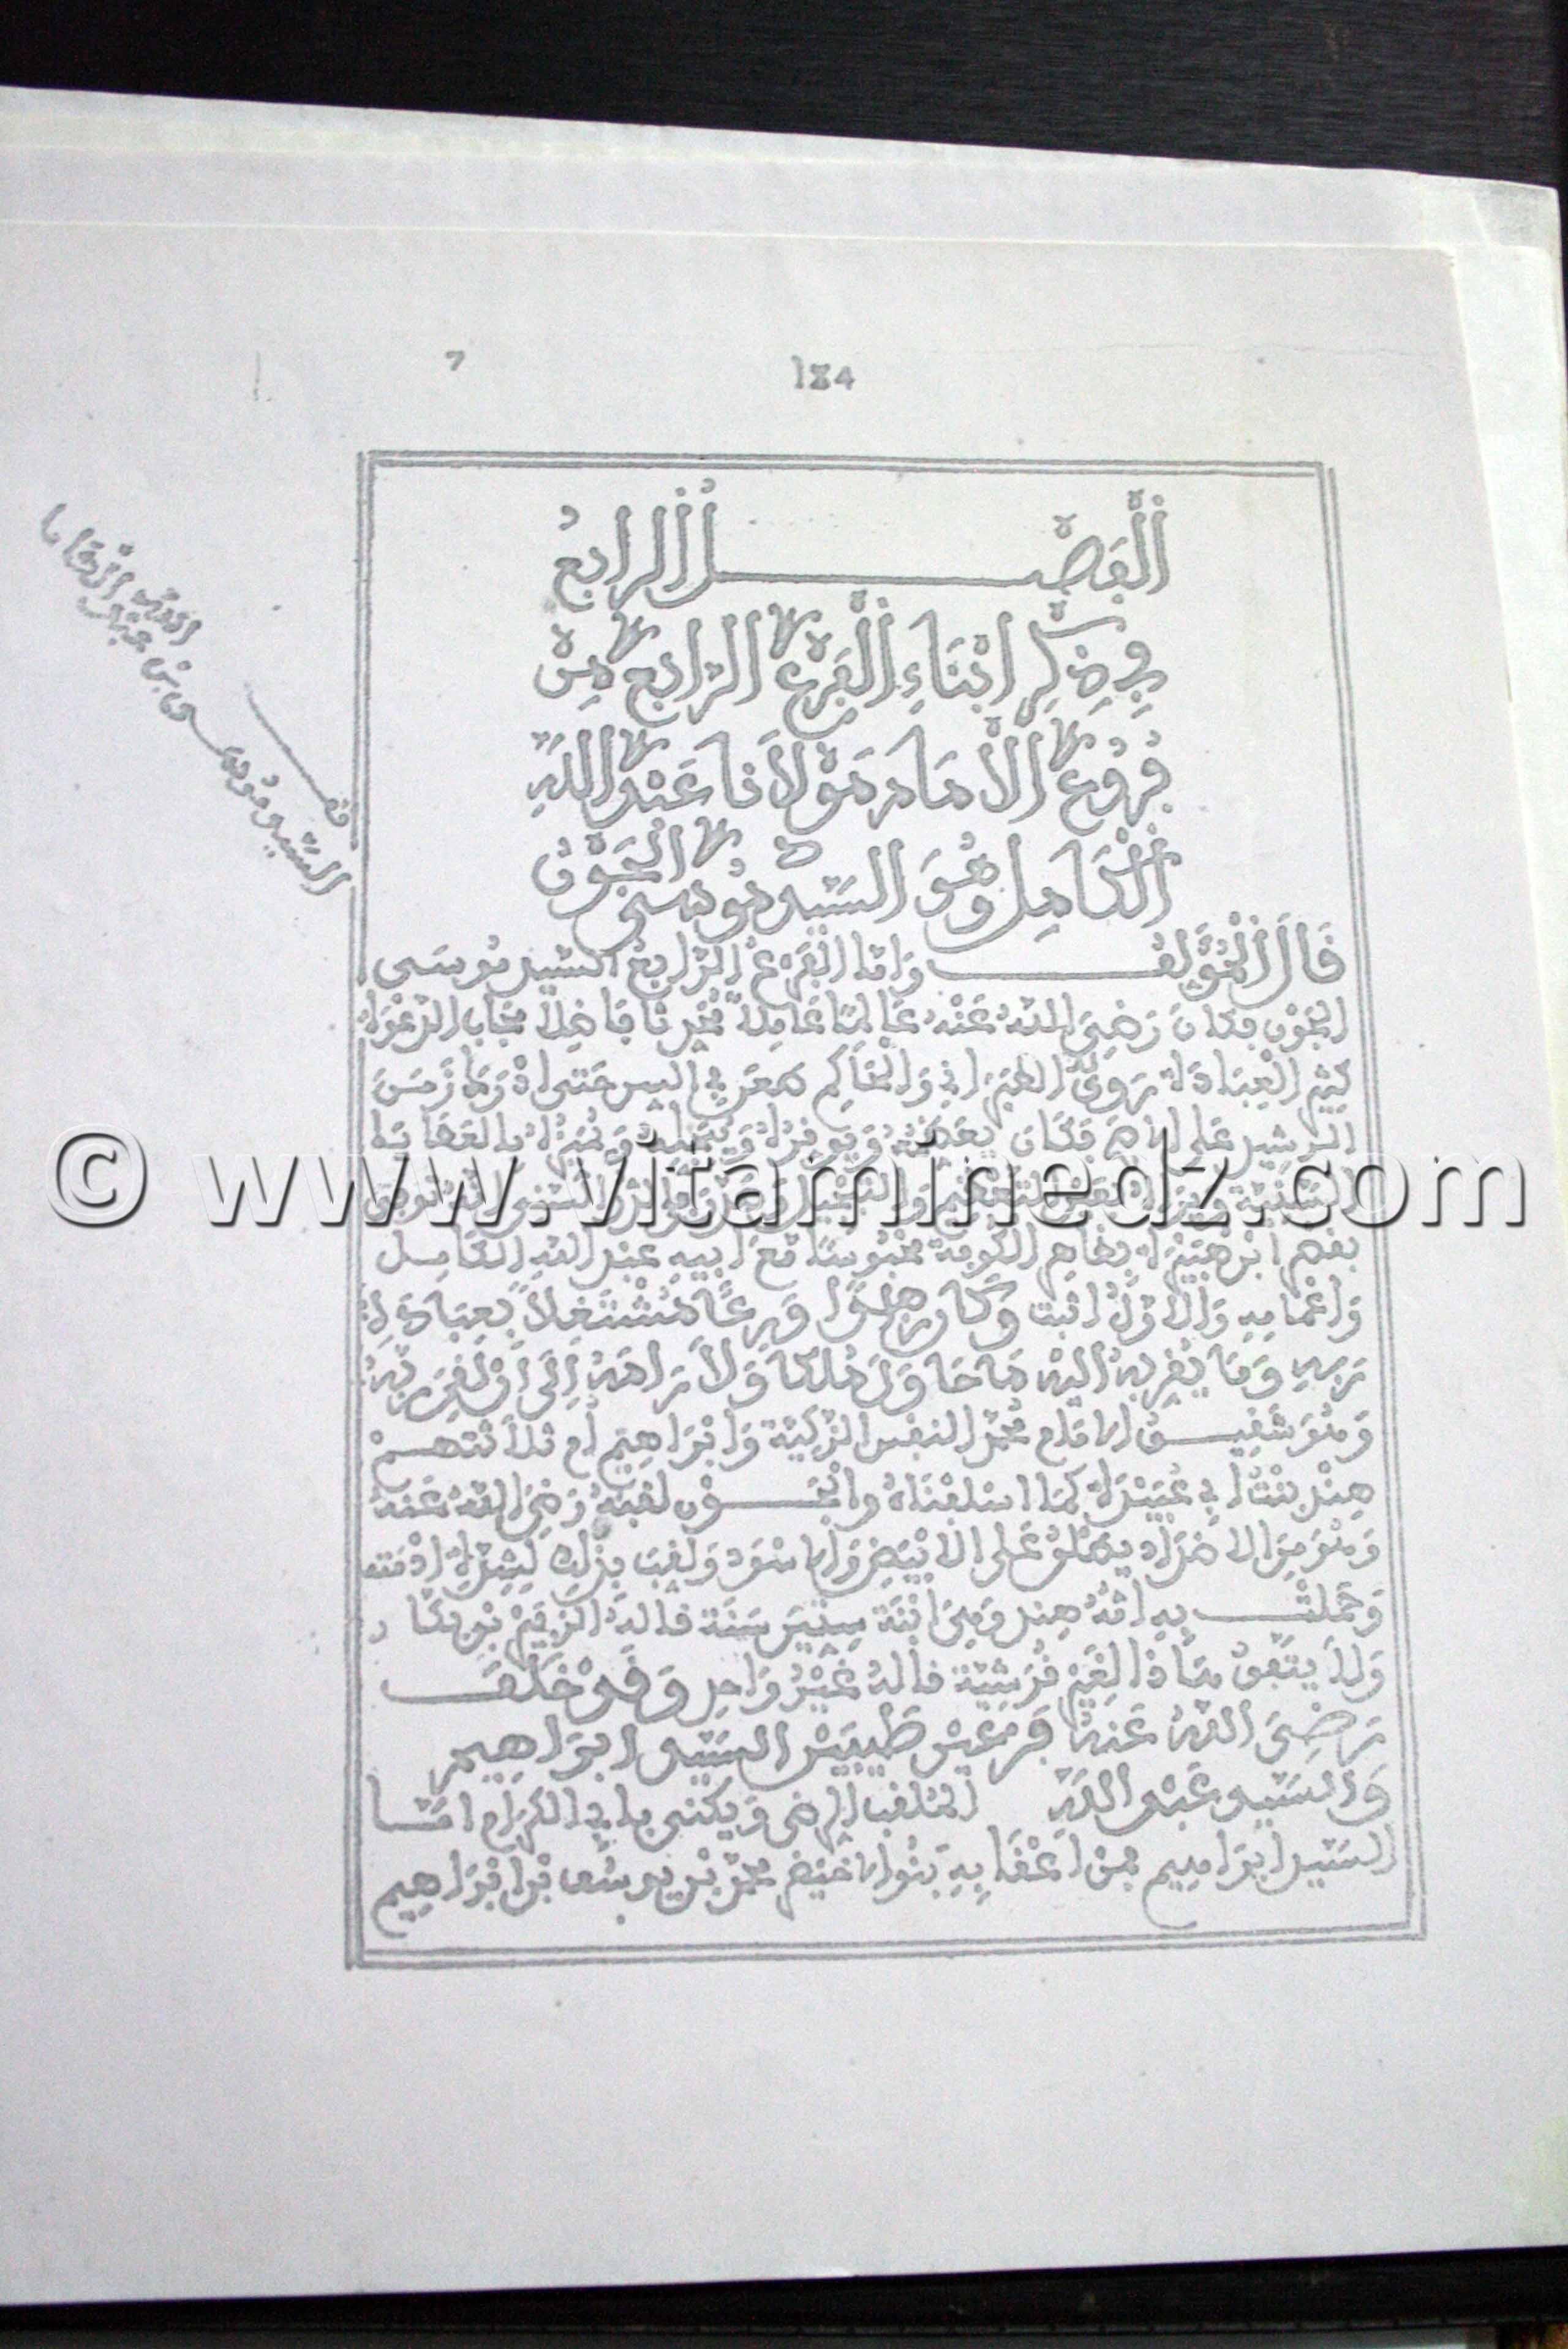 Copie de manuscrits � Guentour sur les familles et leurs origines (علم الأنساب)